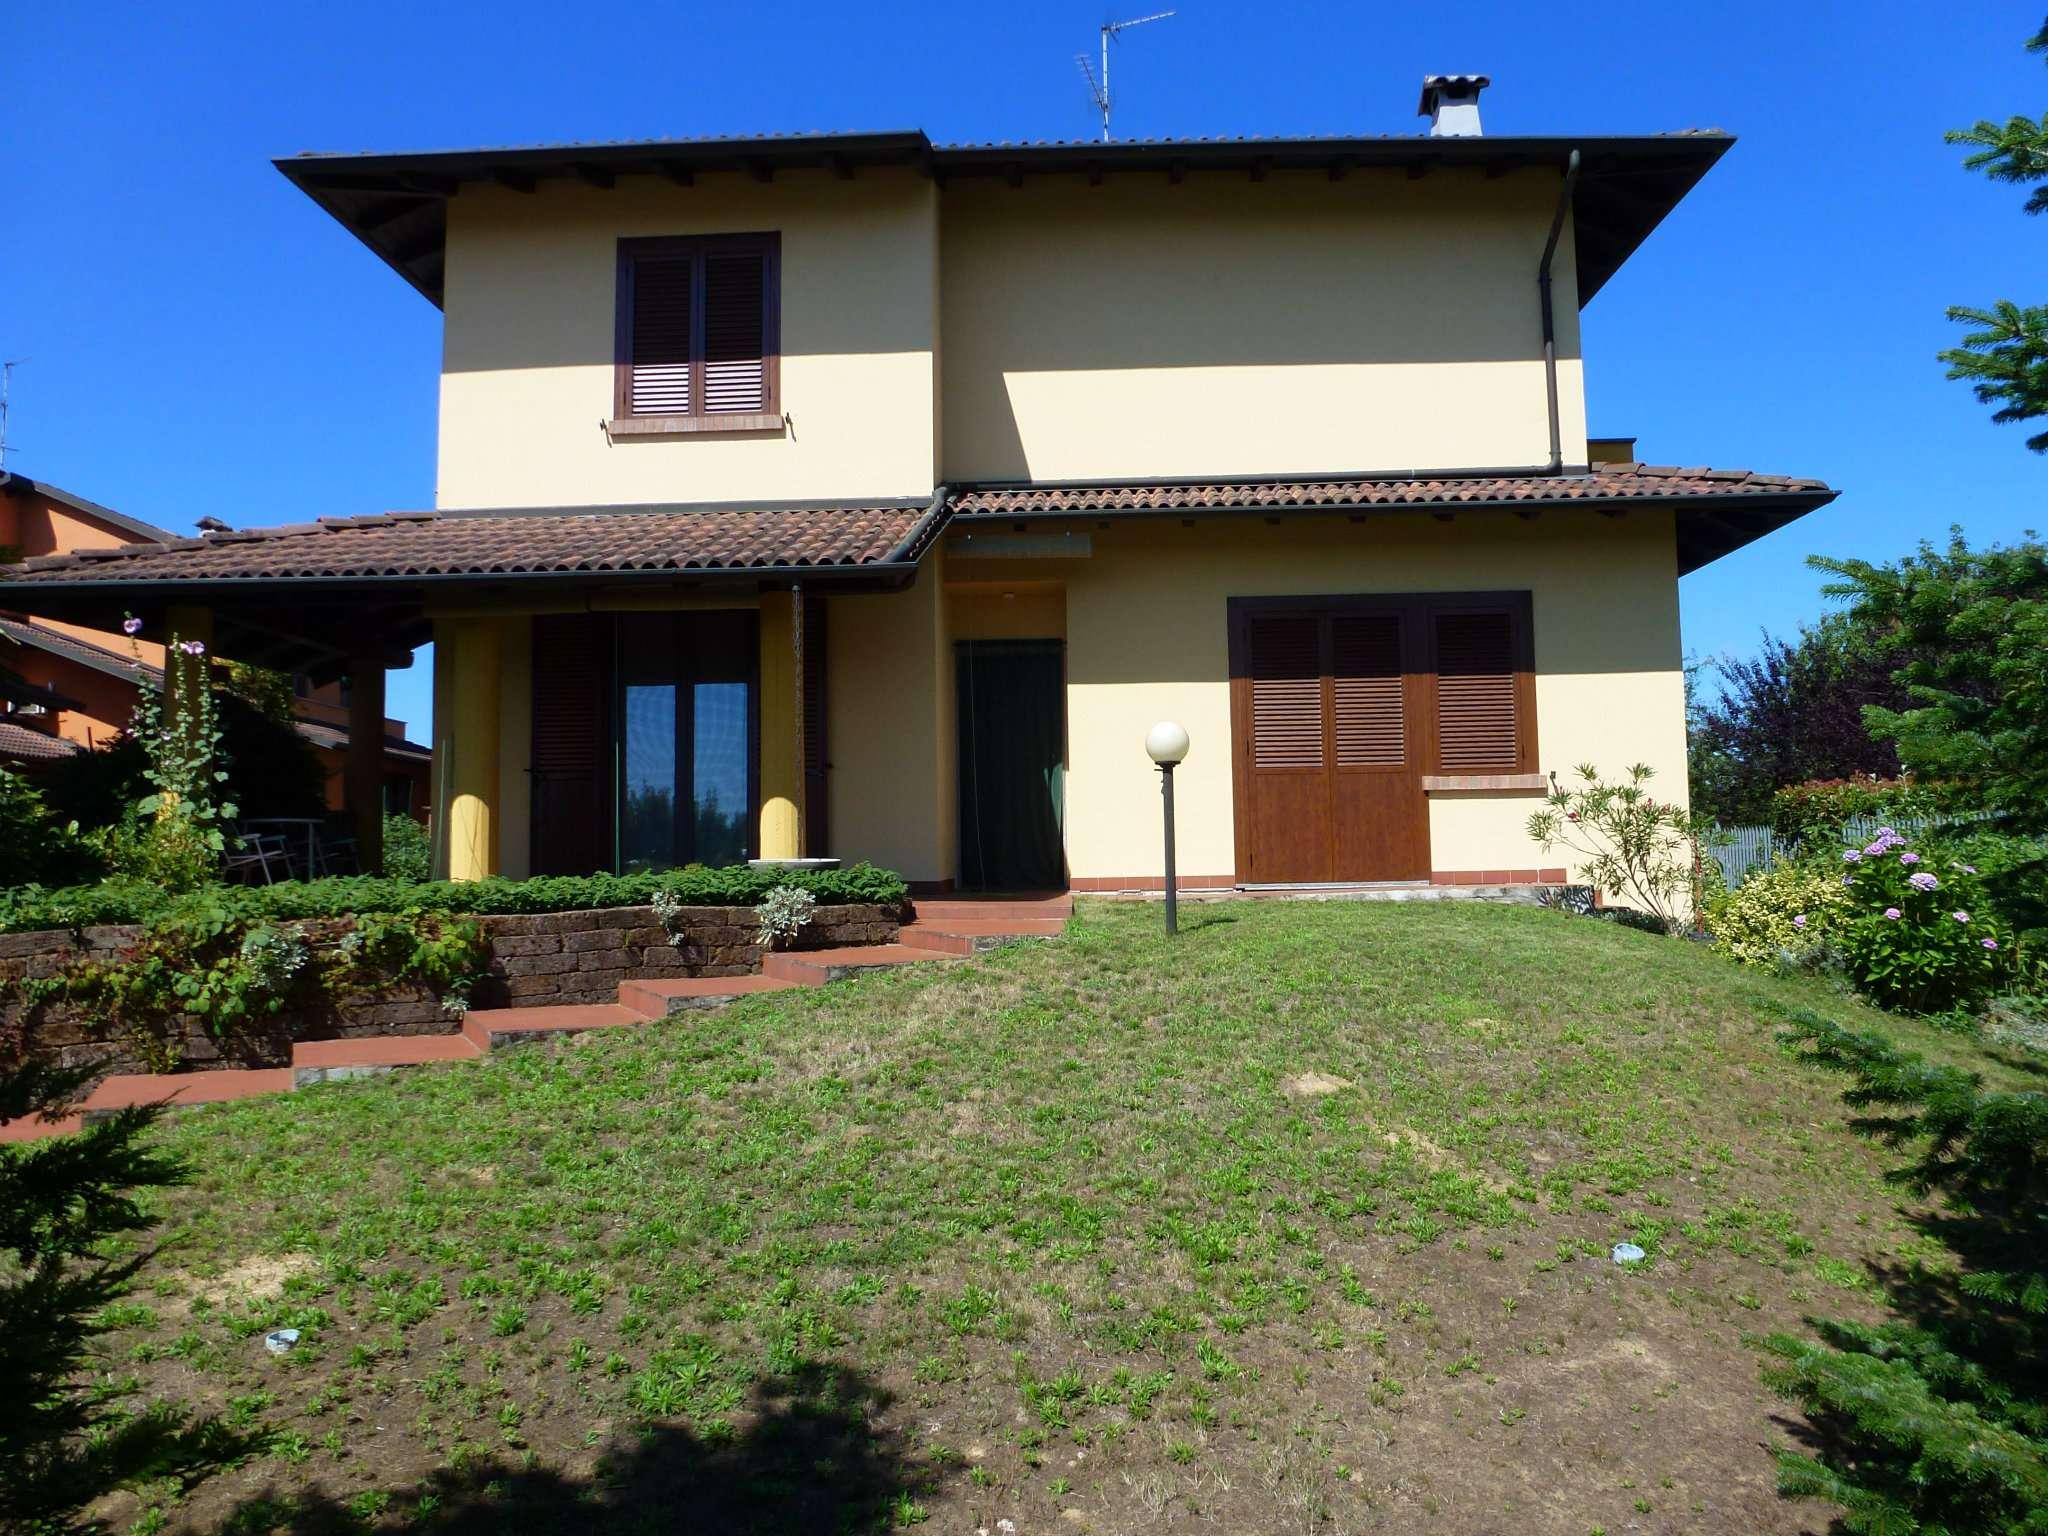 Villa in vendita a Cilavegna, 6 locali, prezzo € 210.000 | CambioCasa.it